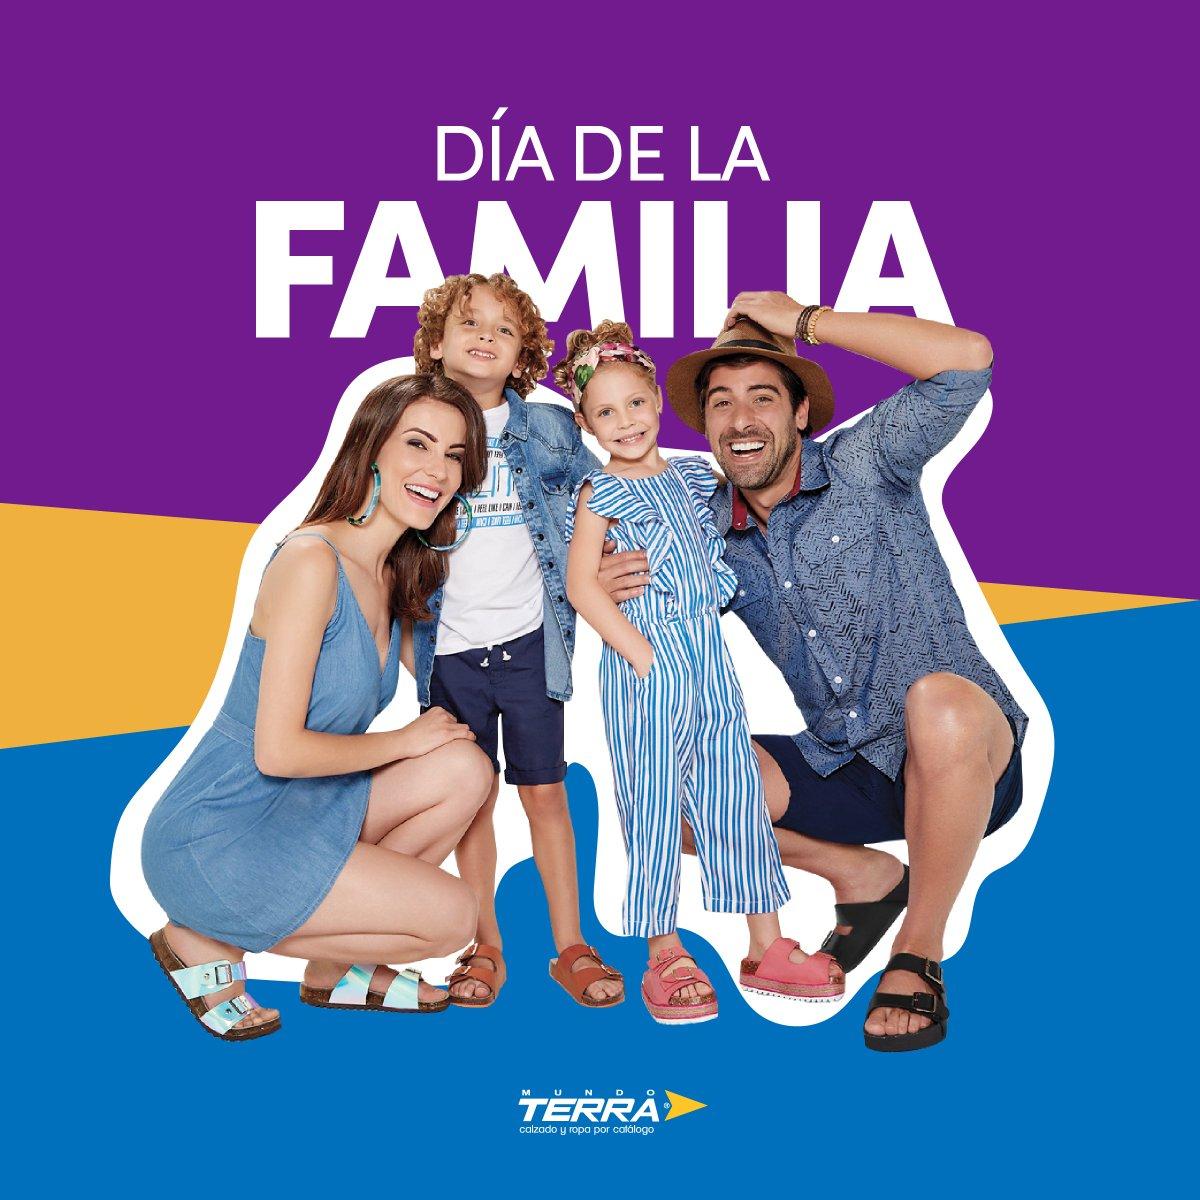 Hoy en México celebramos un día muy especial, lo mejor de la vida se pasa en familia. ¡Feliz día! https://t.co/OoaDiBCwNY